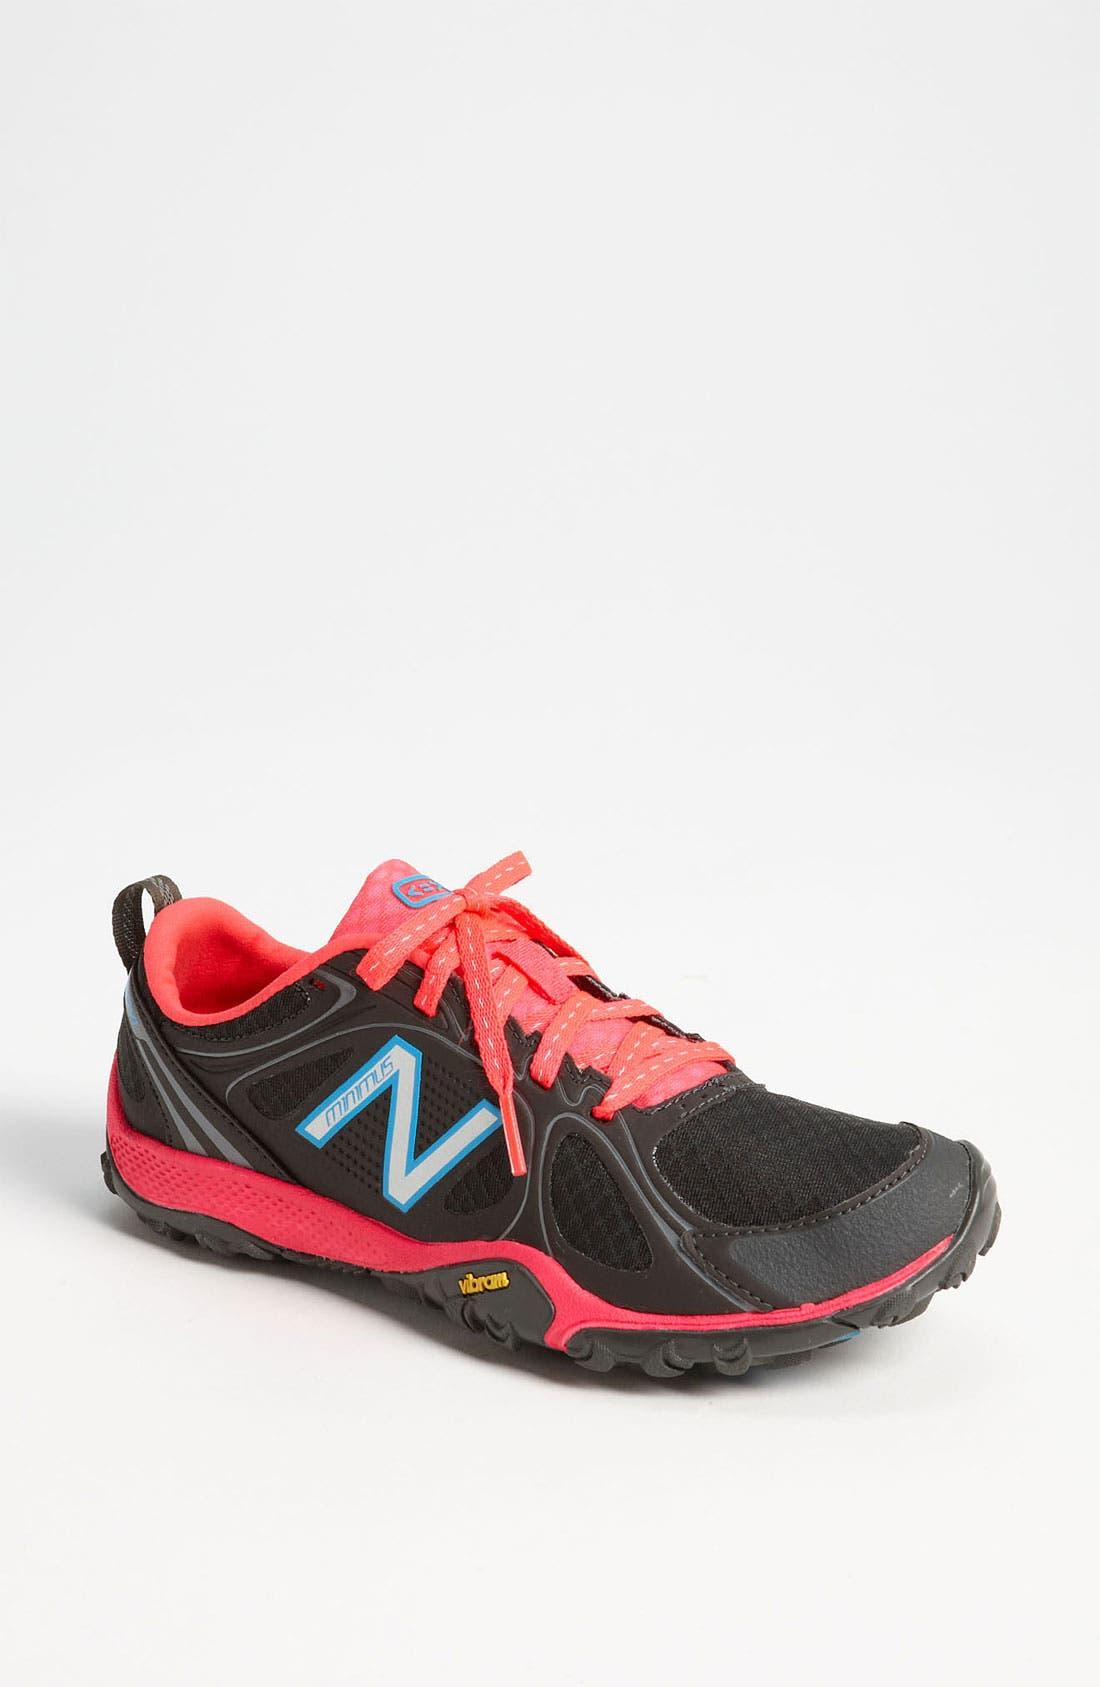 Main Image - New Balance 'Minimus 80' Running Shoe (Women)